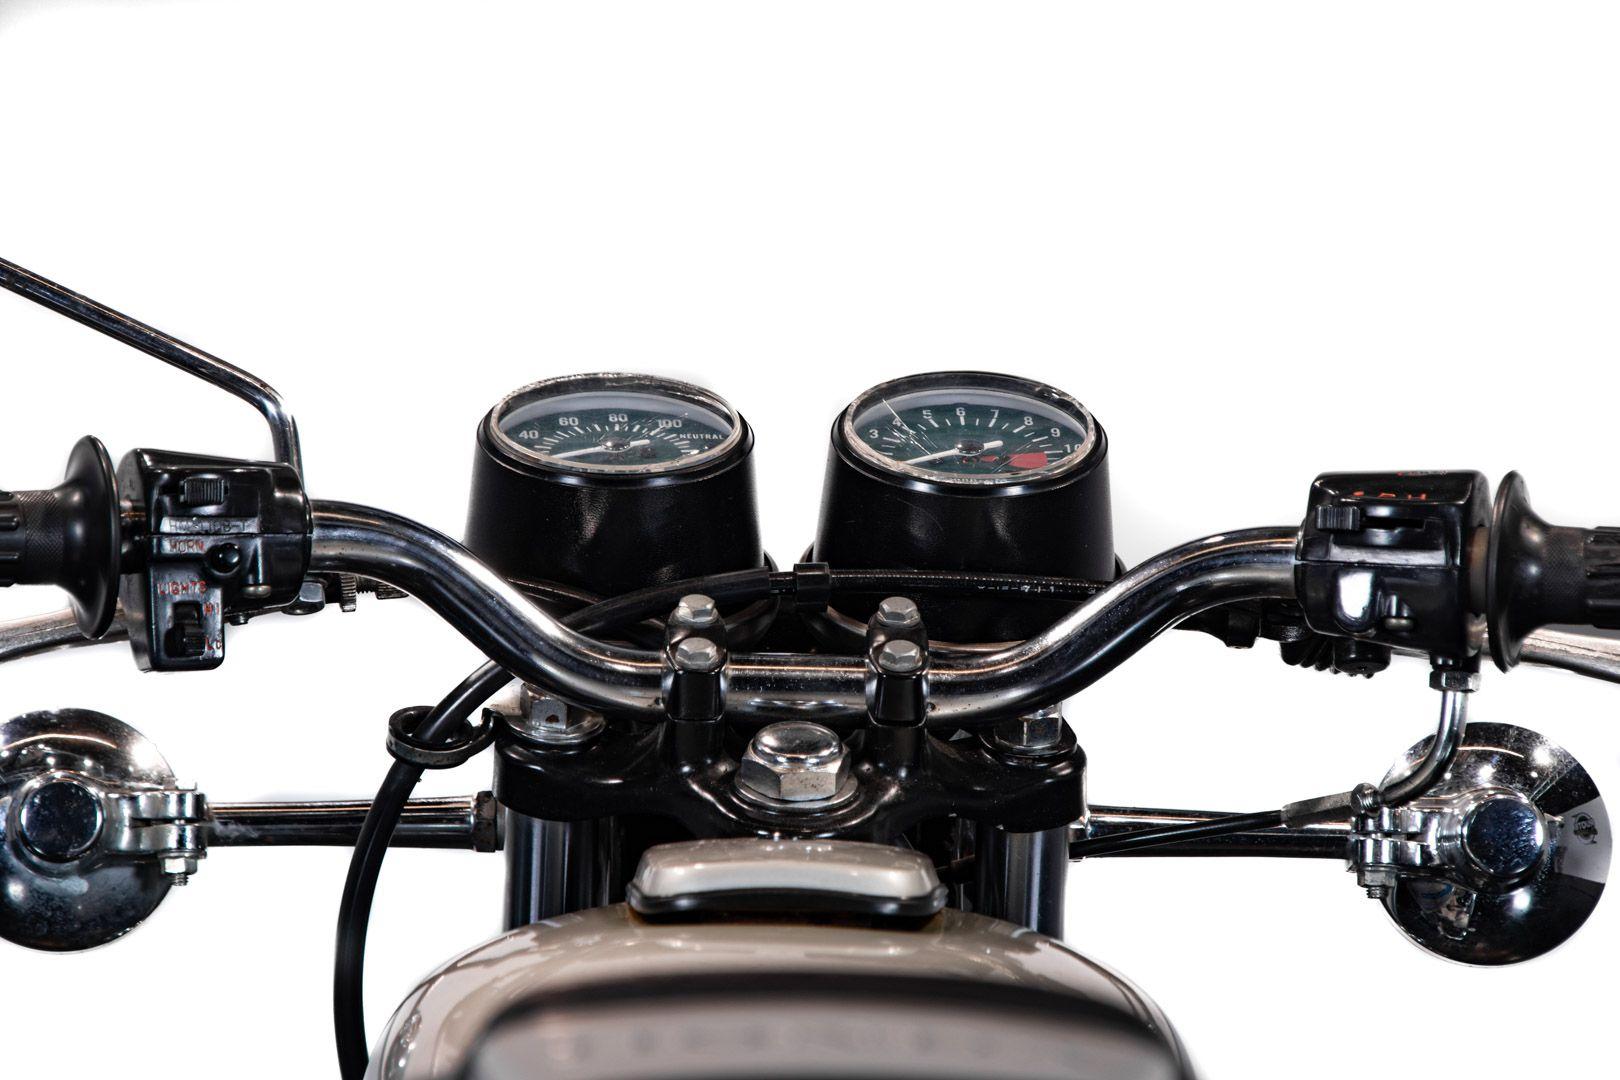 1978 Honda 125 Endurance 82352